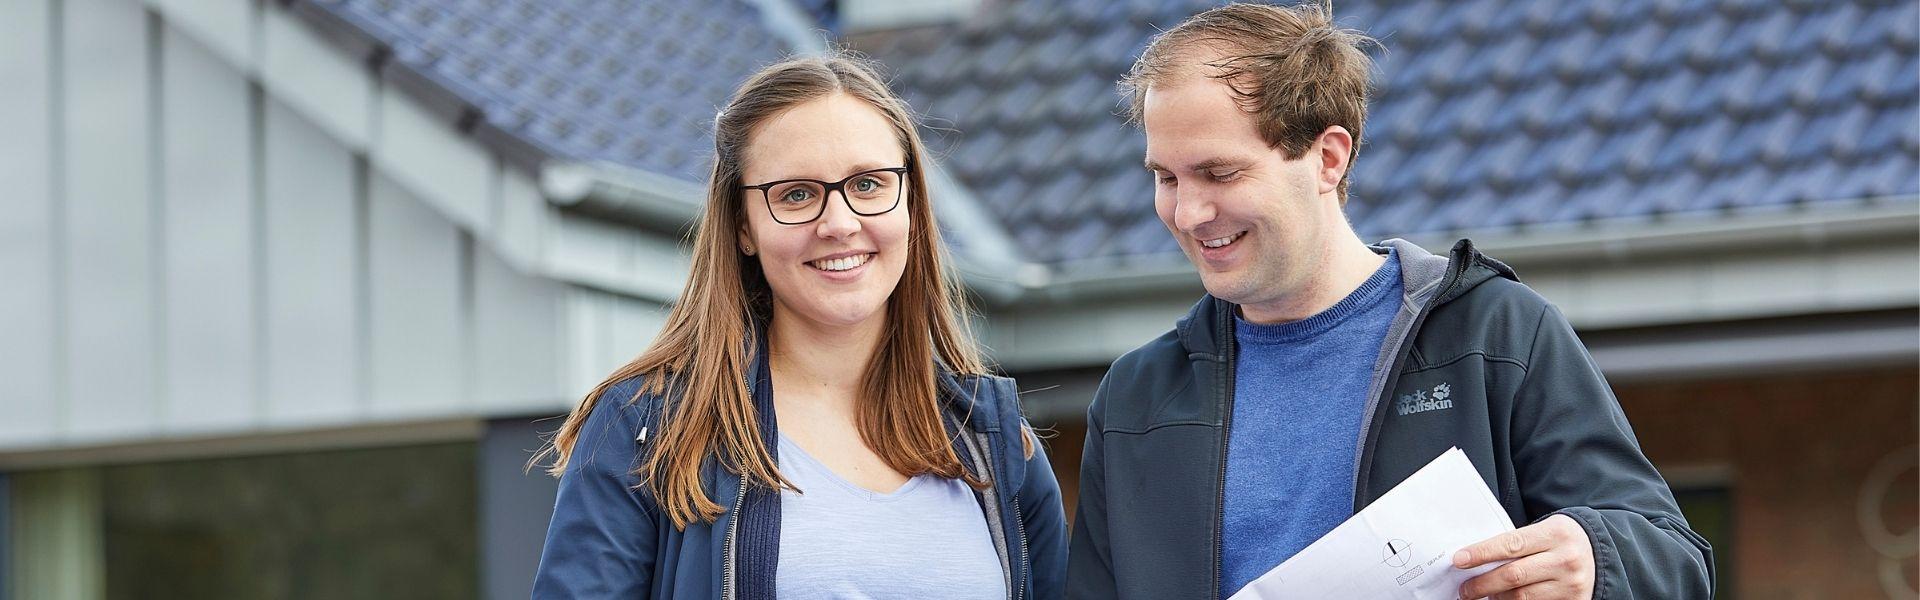 Online-Veranstaltung: Energetische Sanierung neu gedacht – eine Chance für das Münsterland?